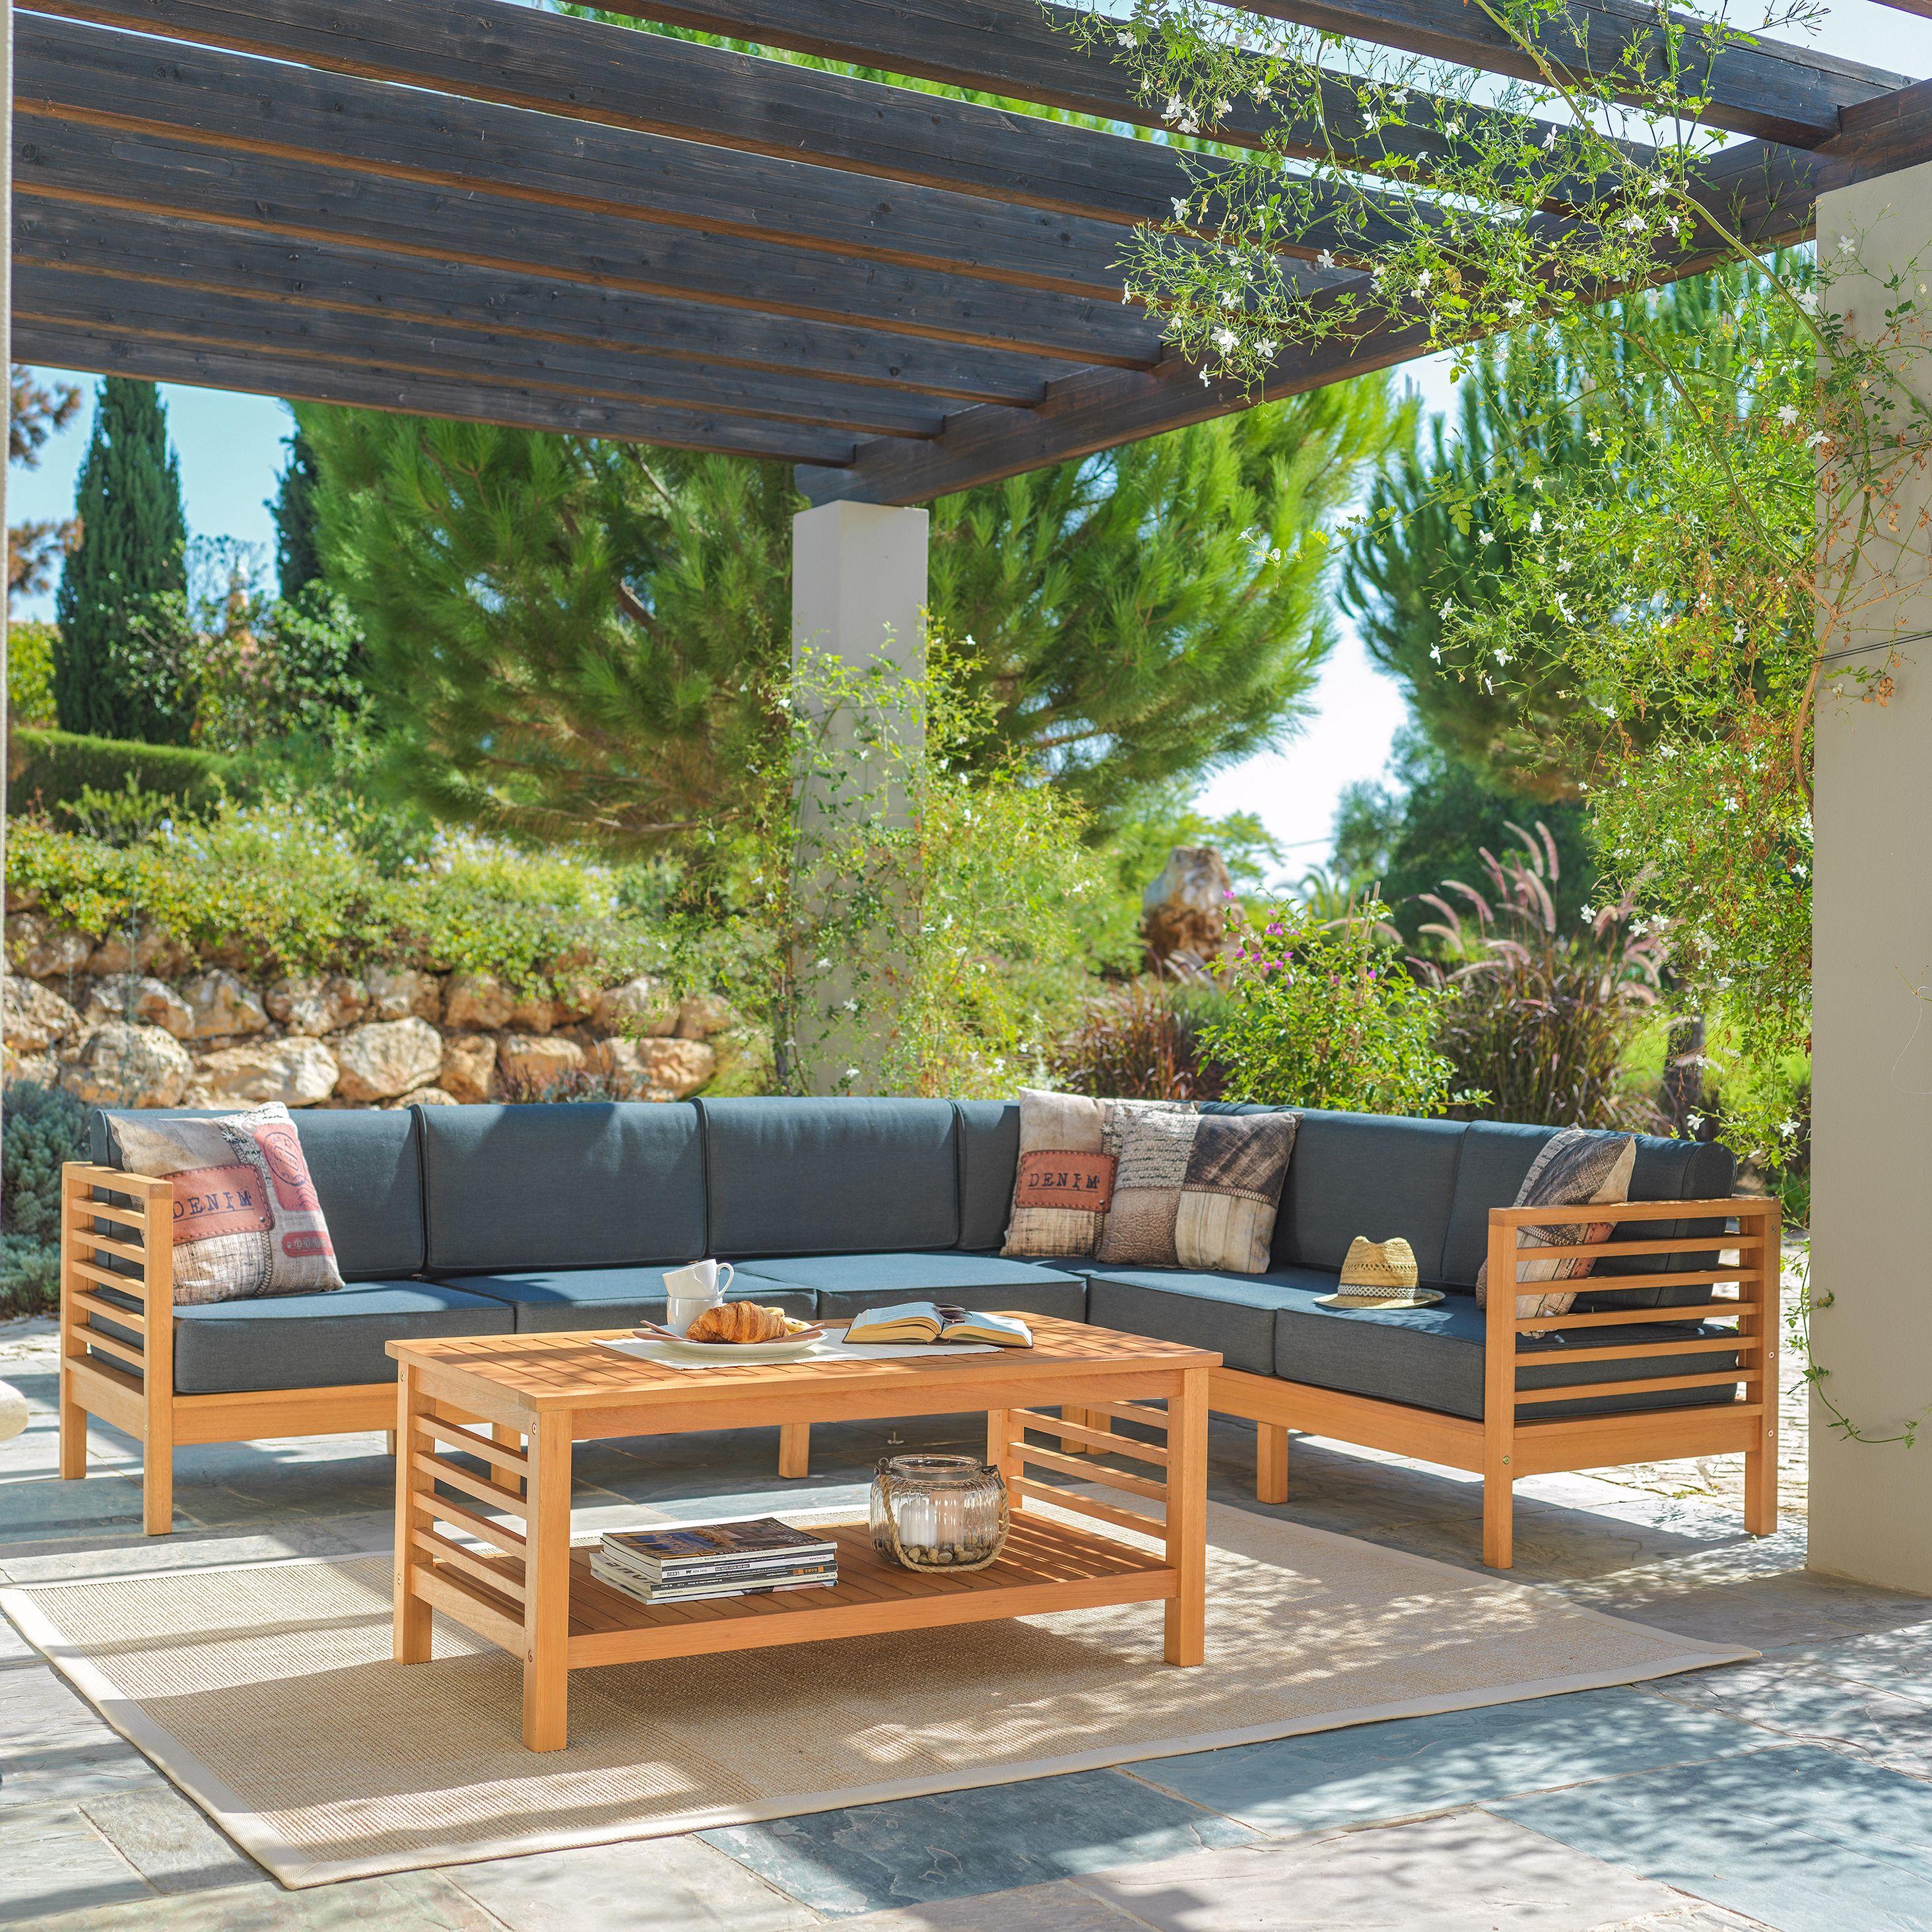 garten lounge aus holz und textil - tolles design für die terrasse